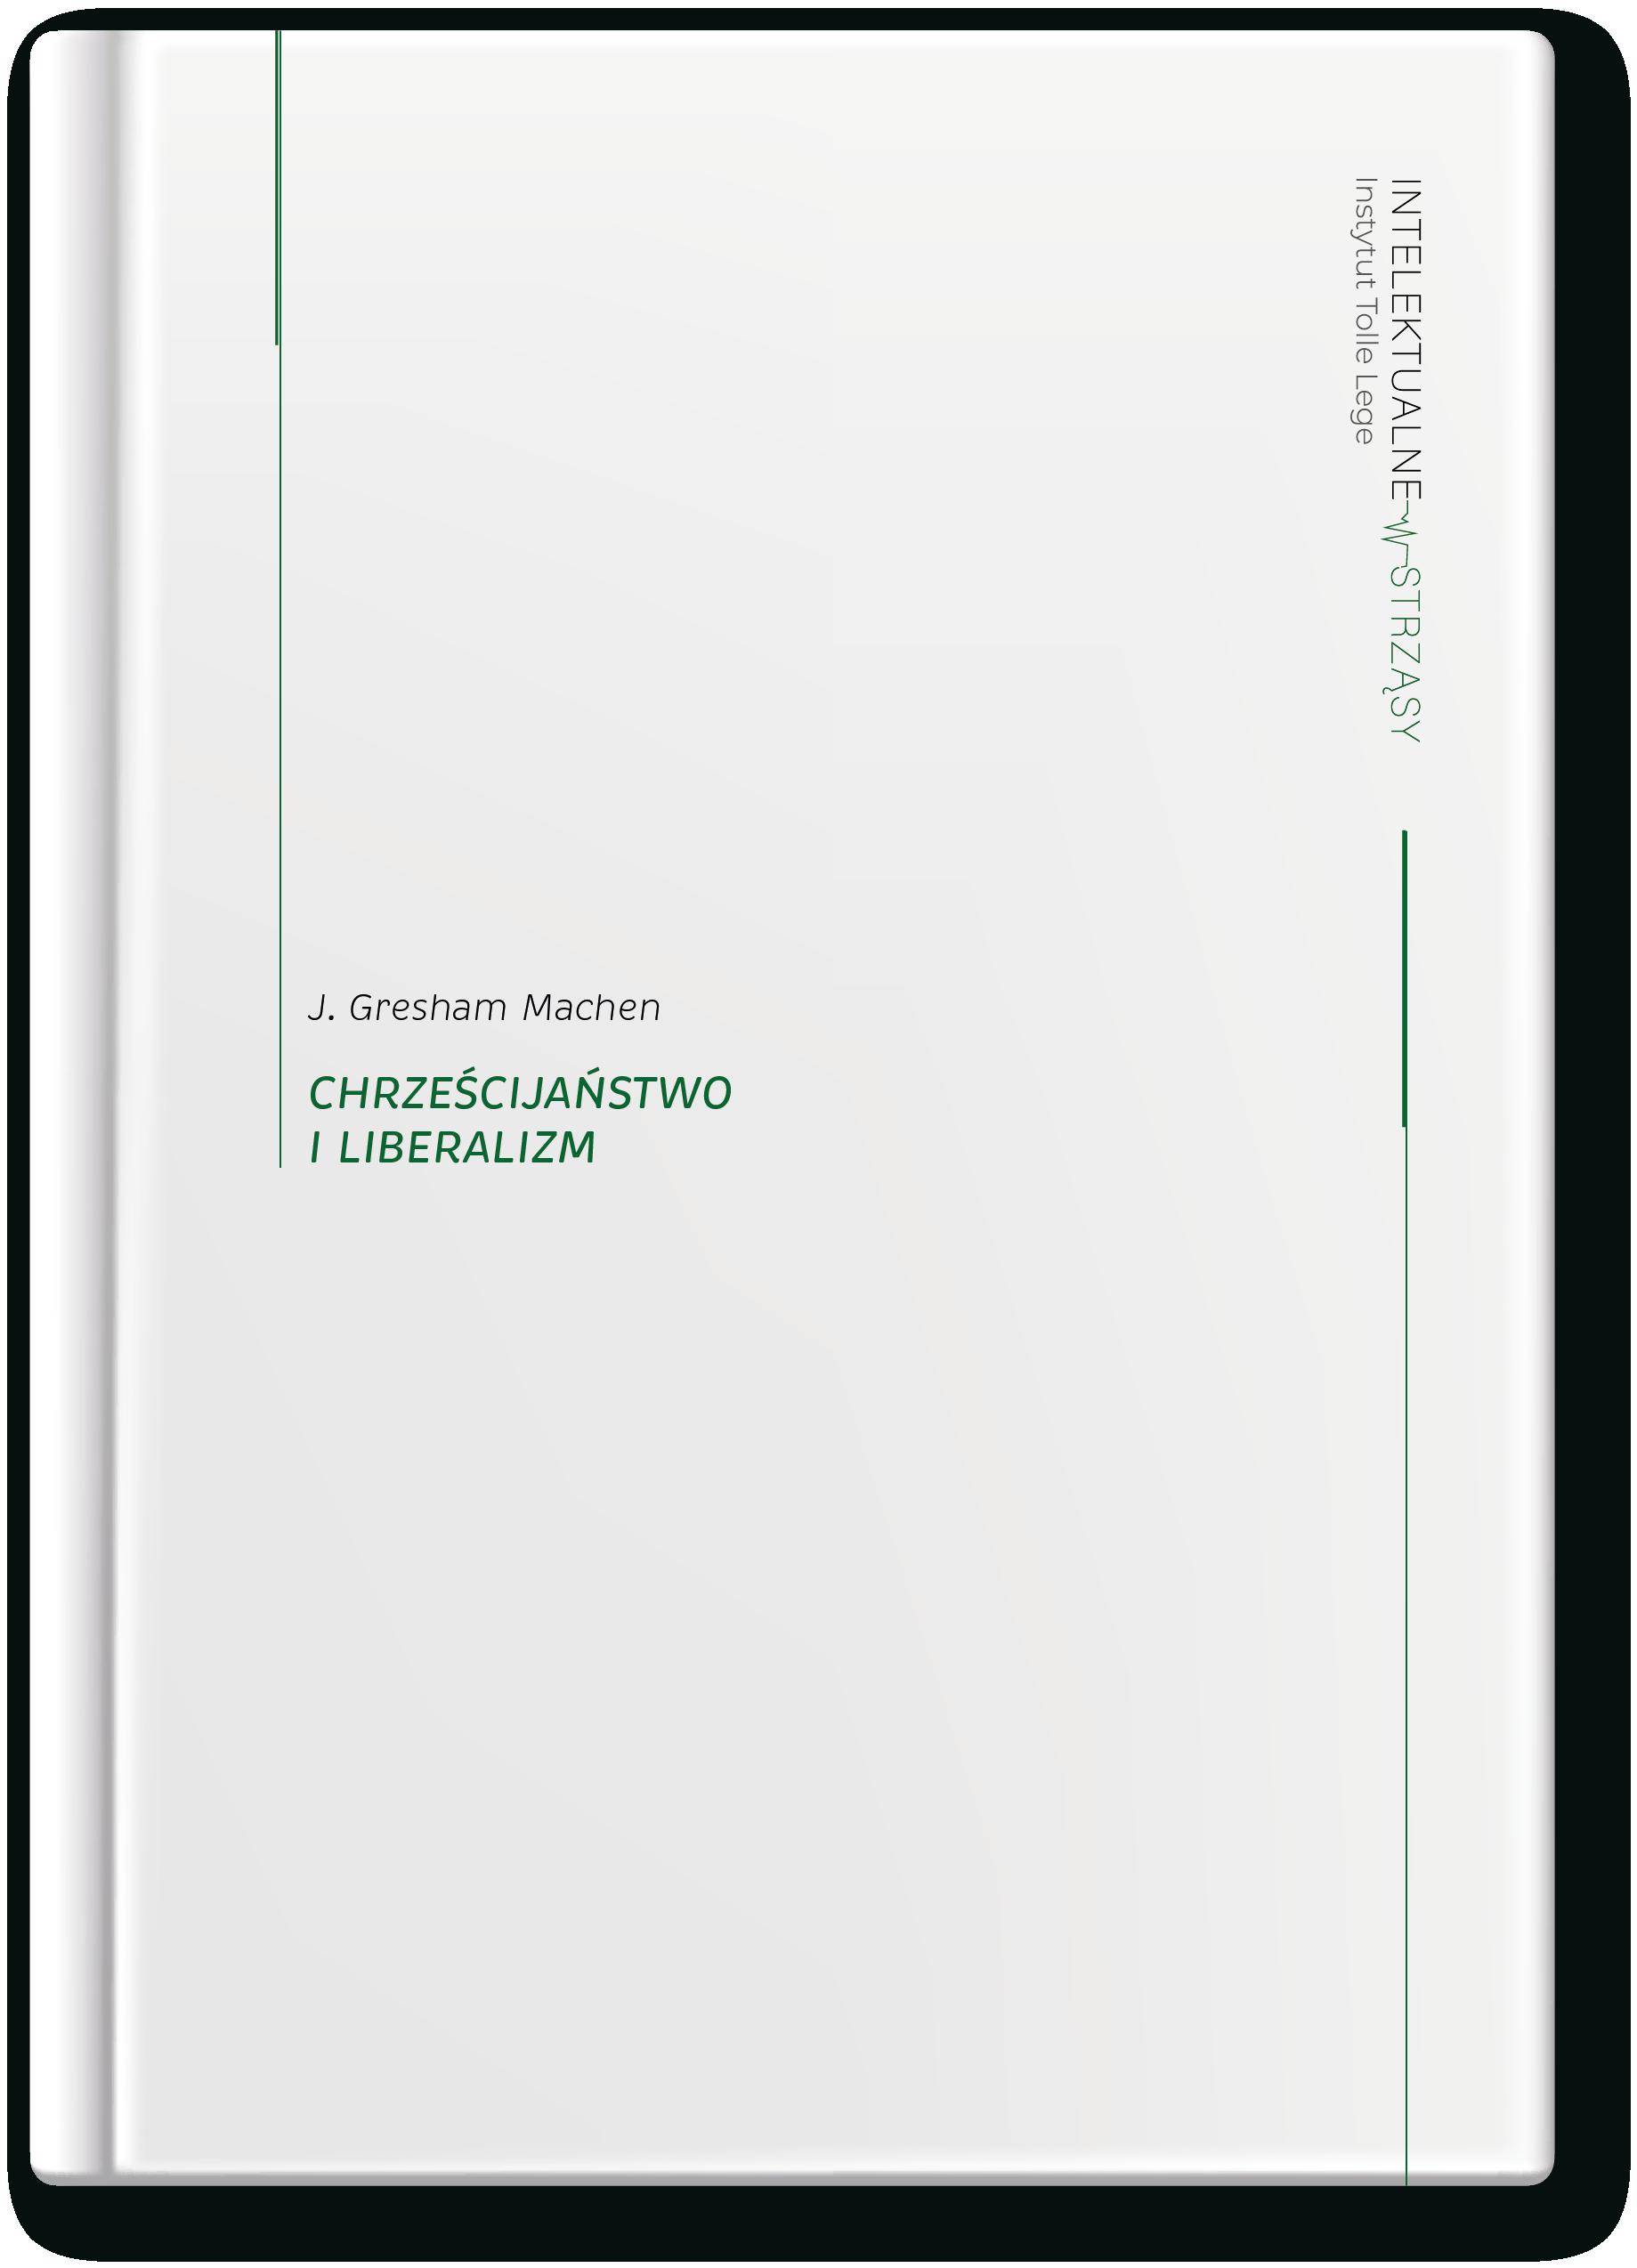 Intelektualne wstrząsy - J. Gresham Machen, Chrześcijaństwo i liberalizm